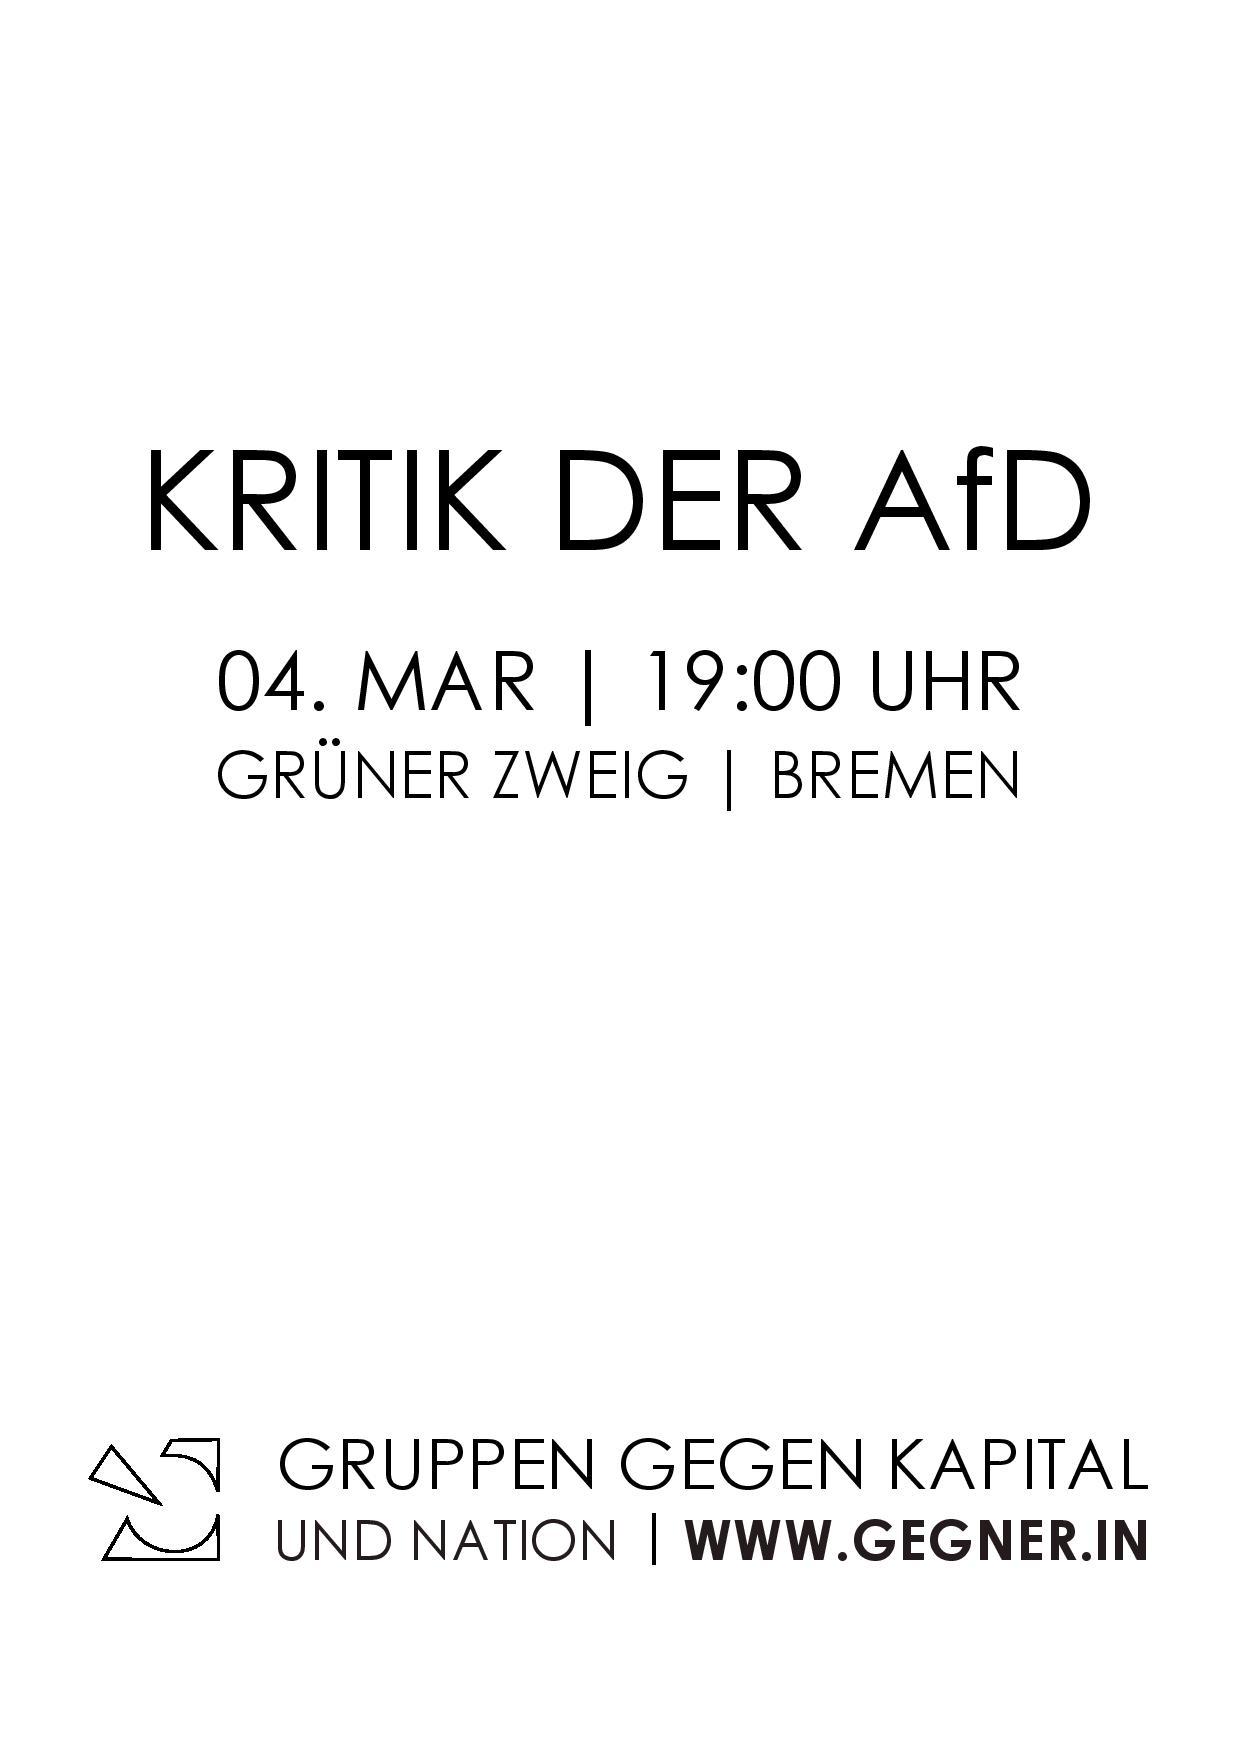 Kritik im Handgemenge 04.03.2017 19:00